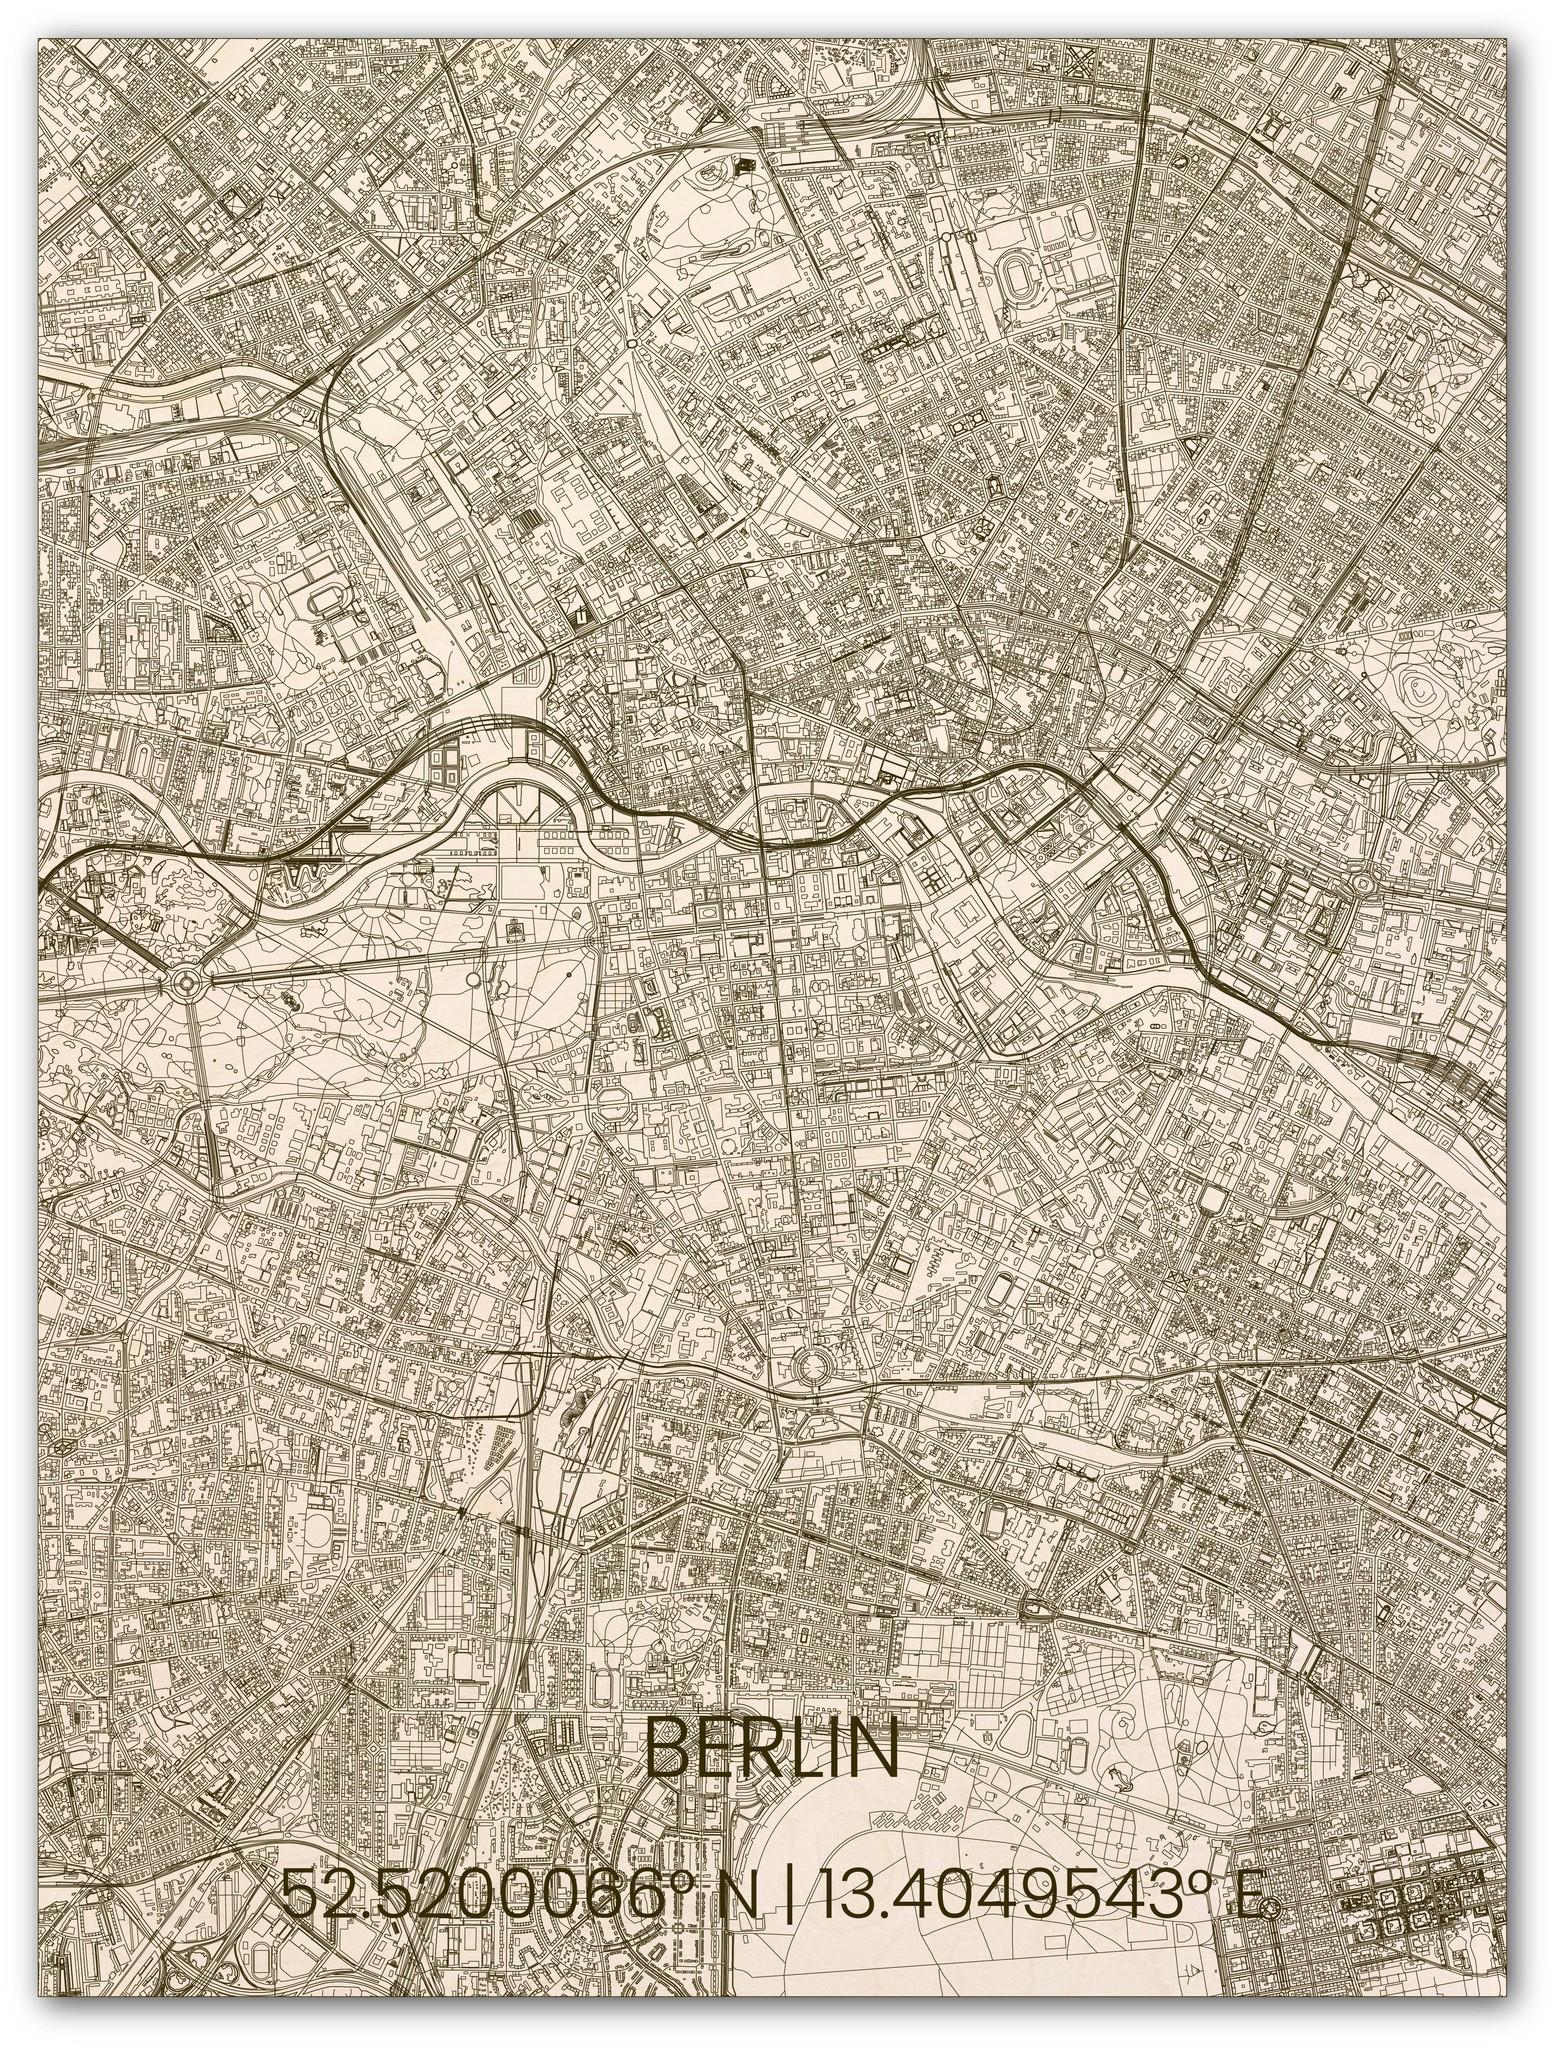 Houten stadsplattegrond Berlijn-1